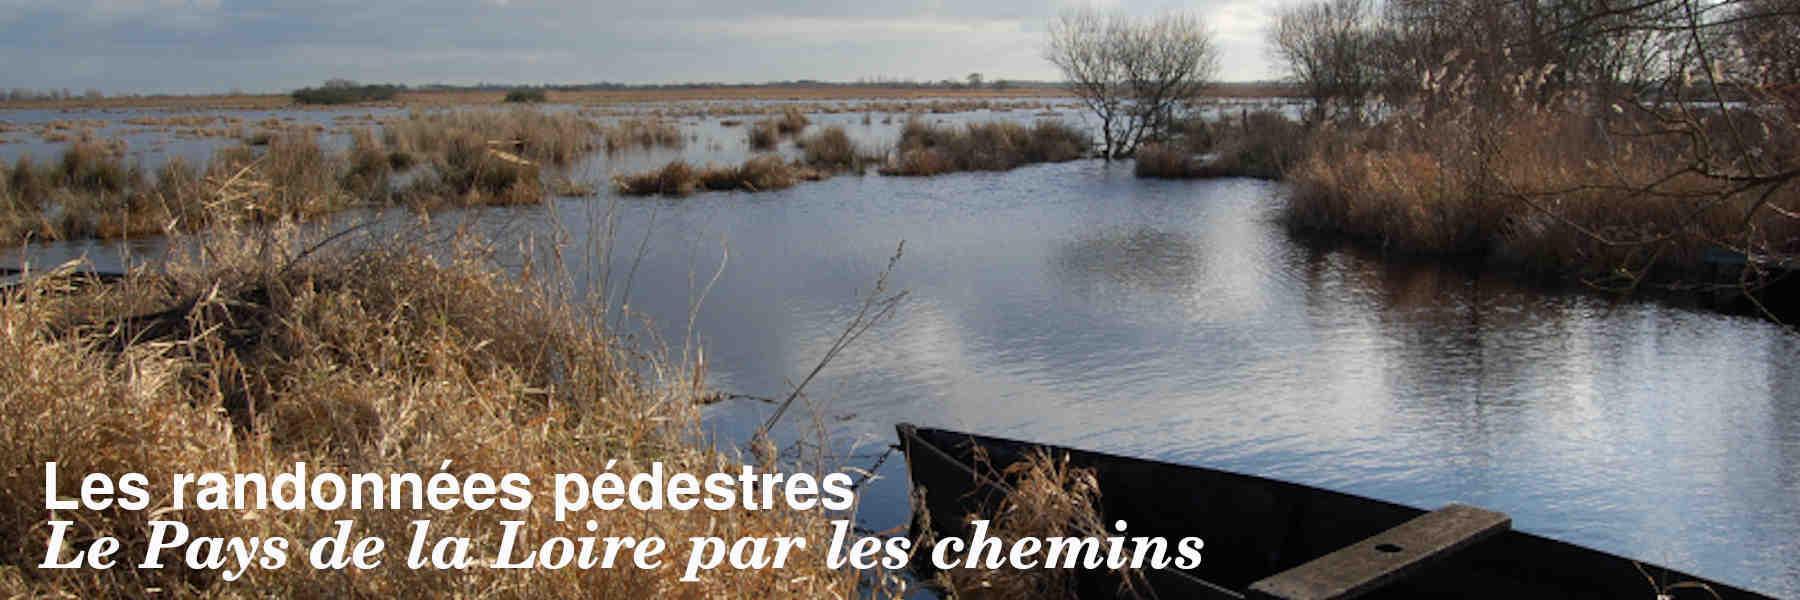 Les randonnées pédestres en Pays de la Loire